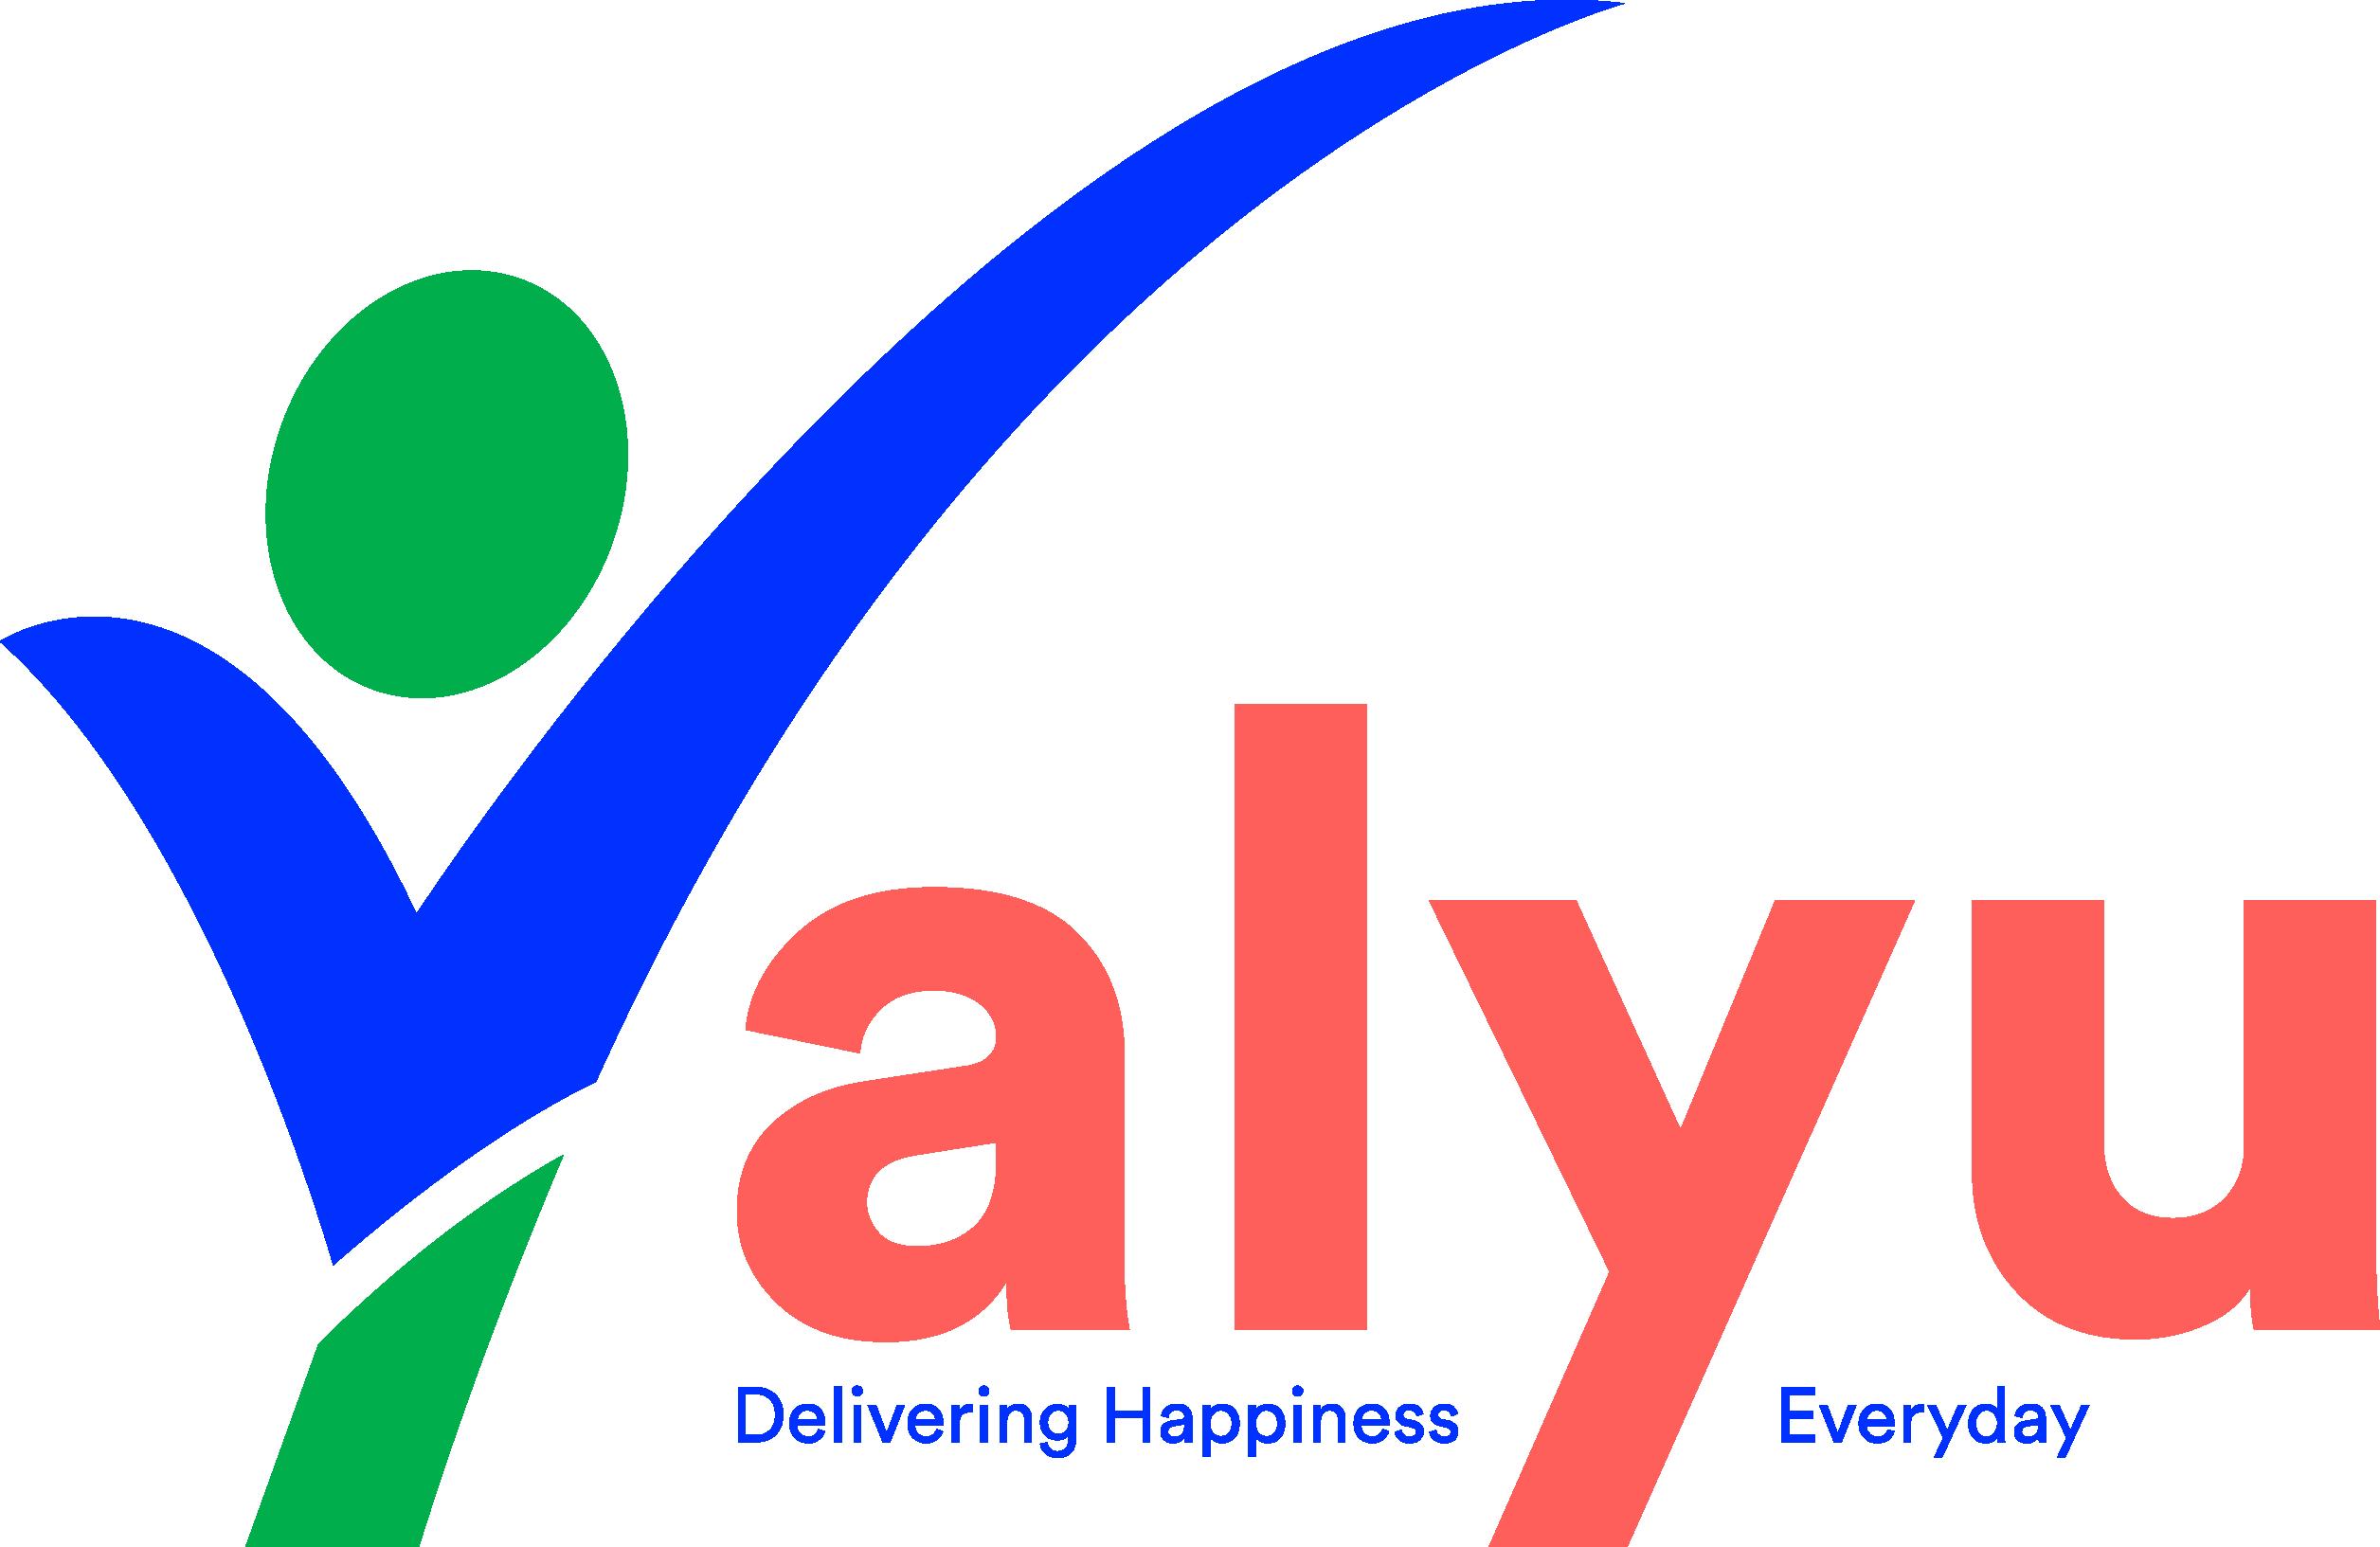 Valyu